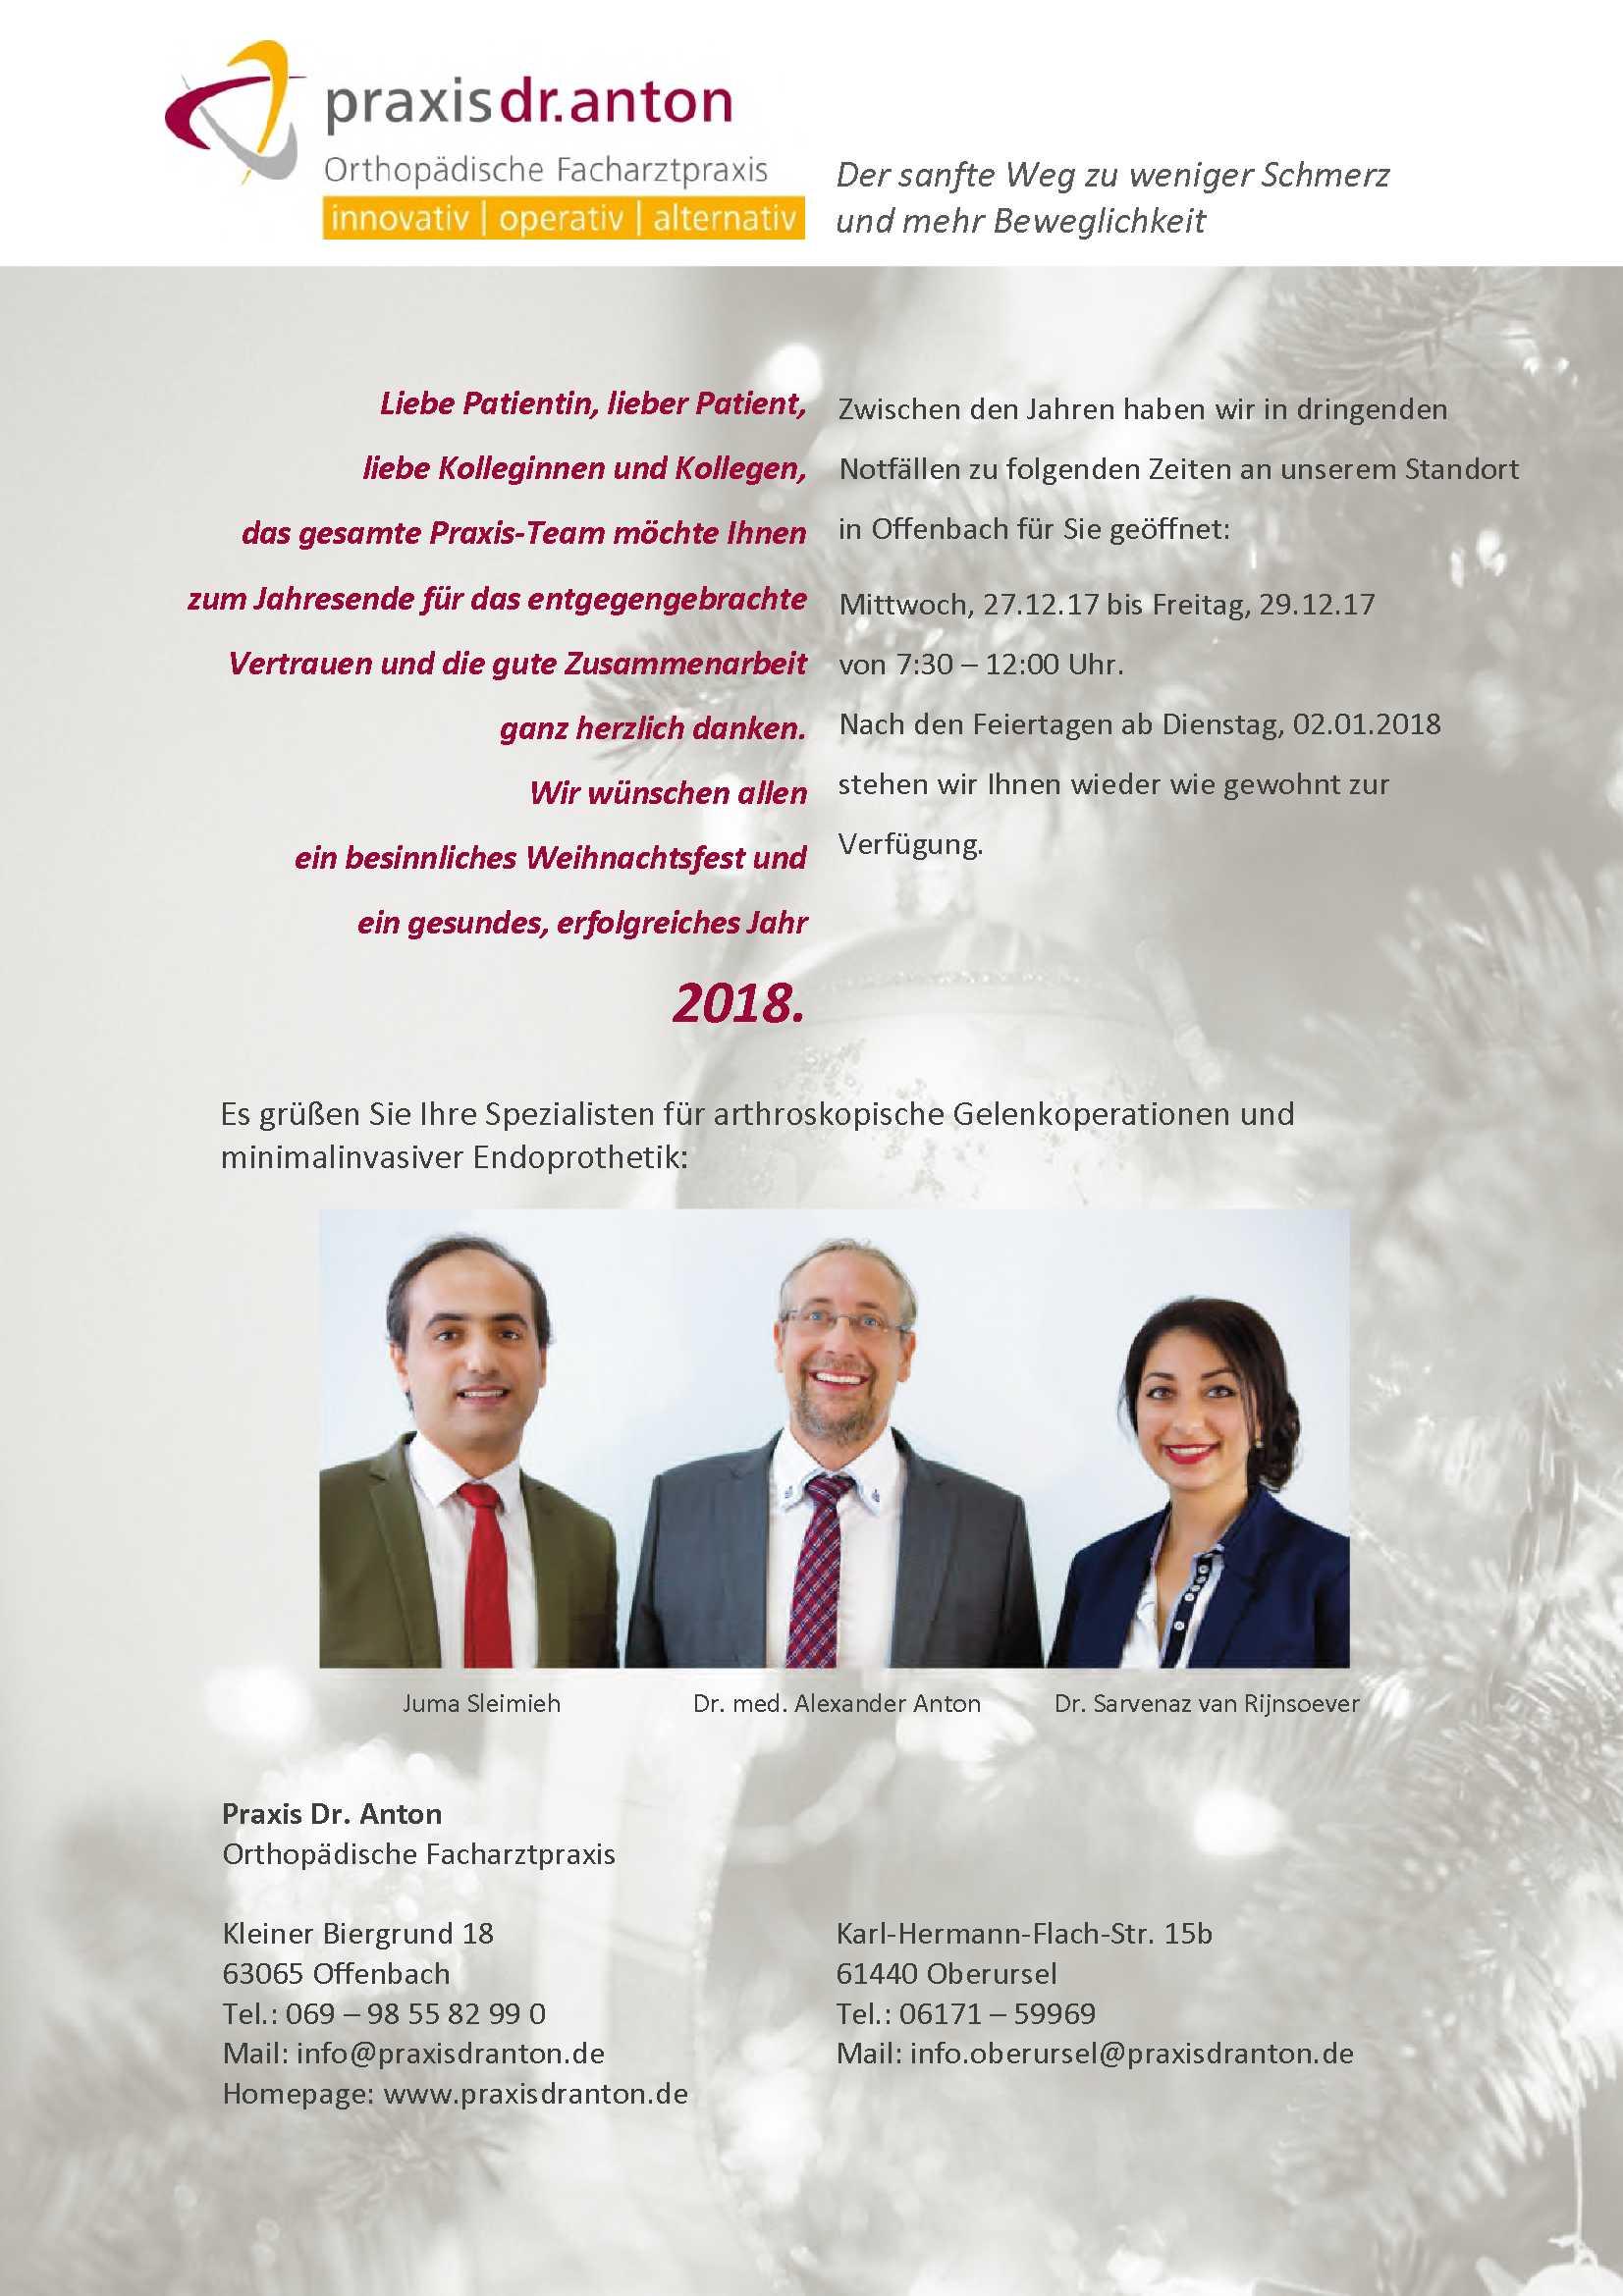 Weihnachtsgrüße Team.Weihnachtsgrüße Des Praxis Teams Praxis Dr Anton Orthopädische